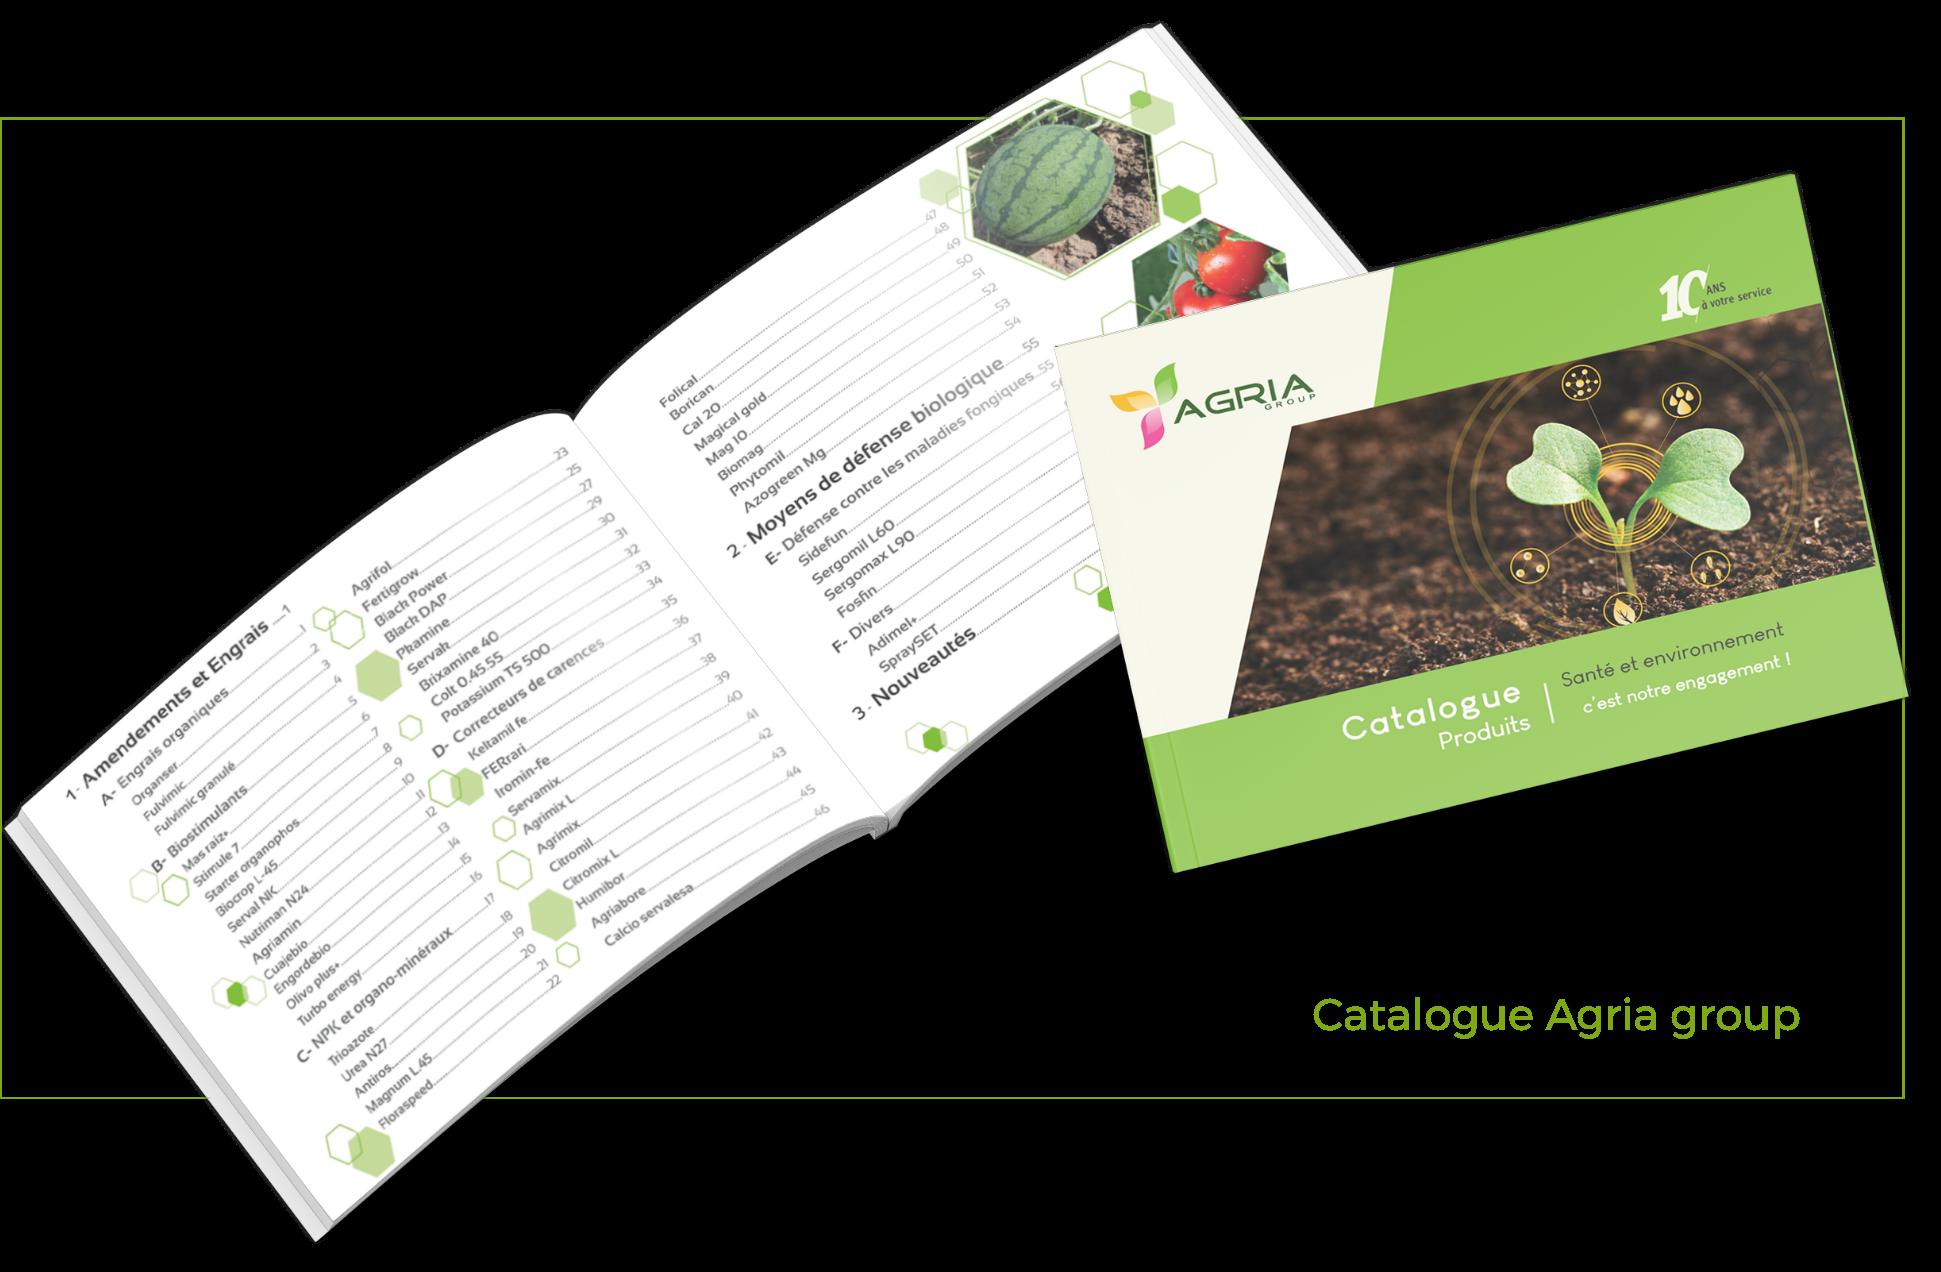 Catalogue Agria